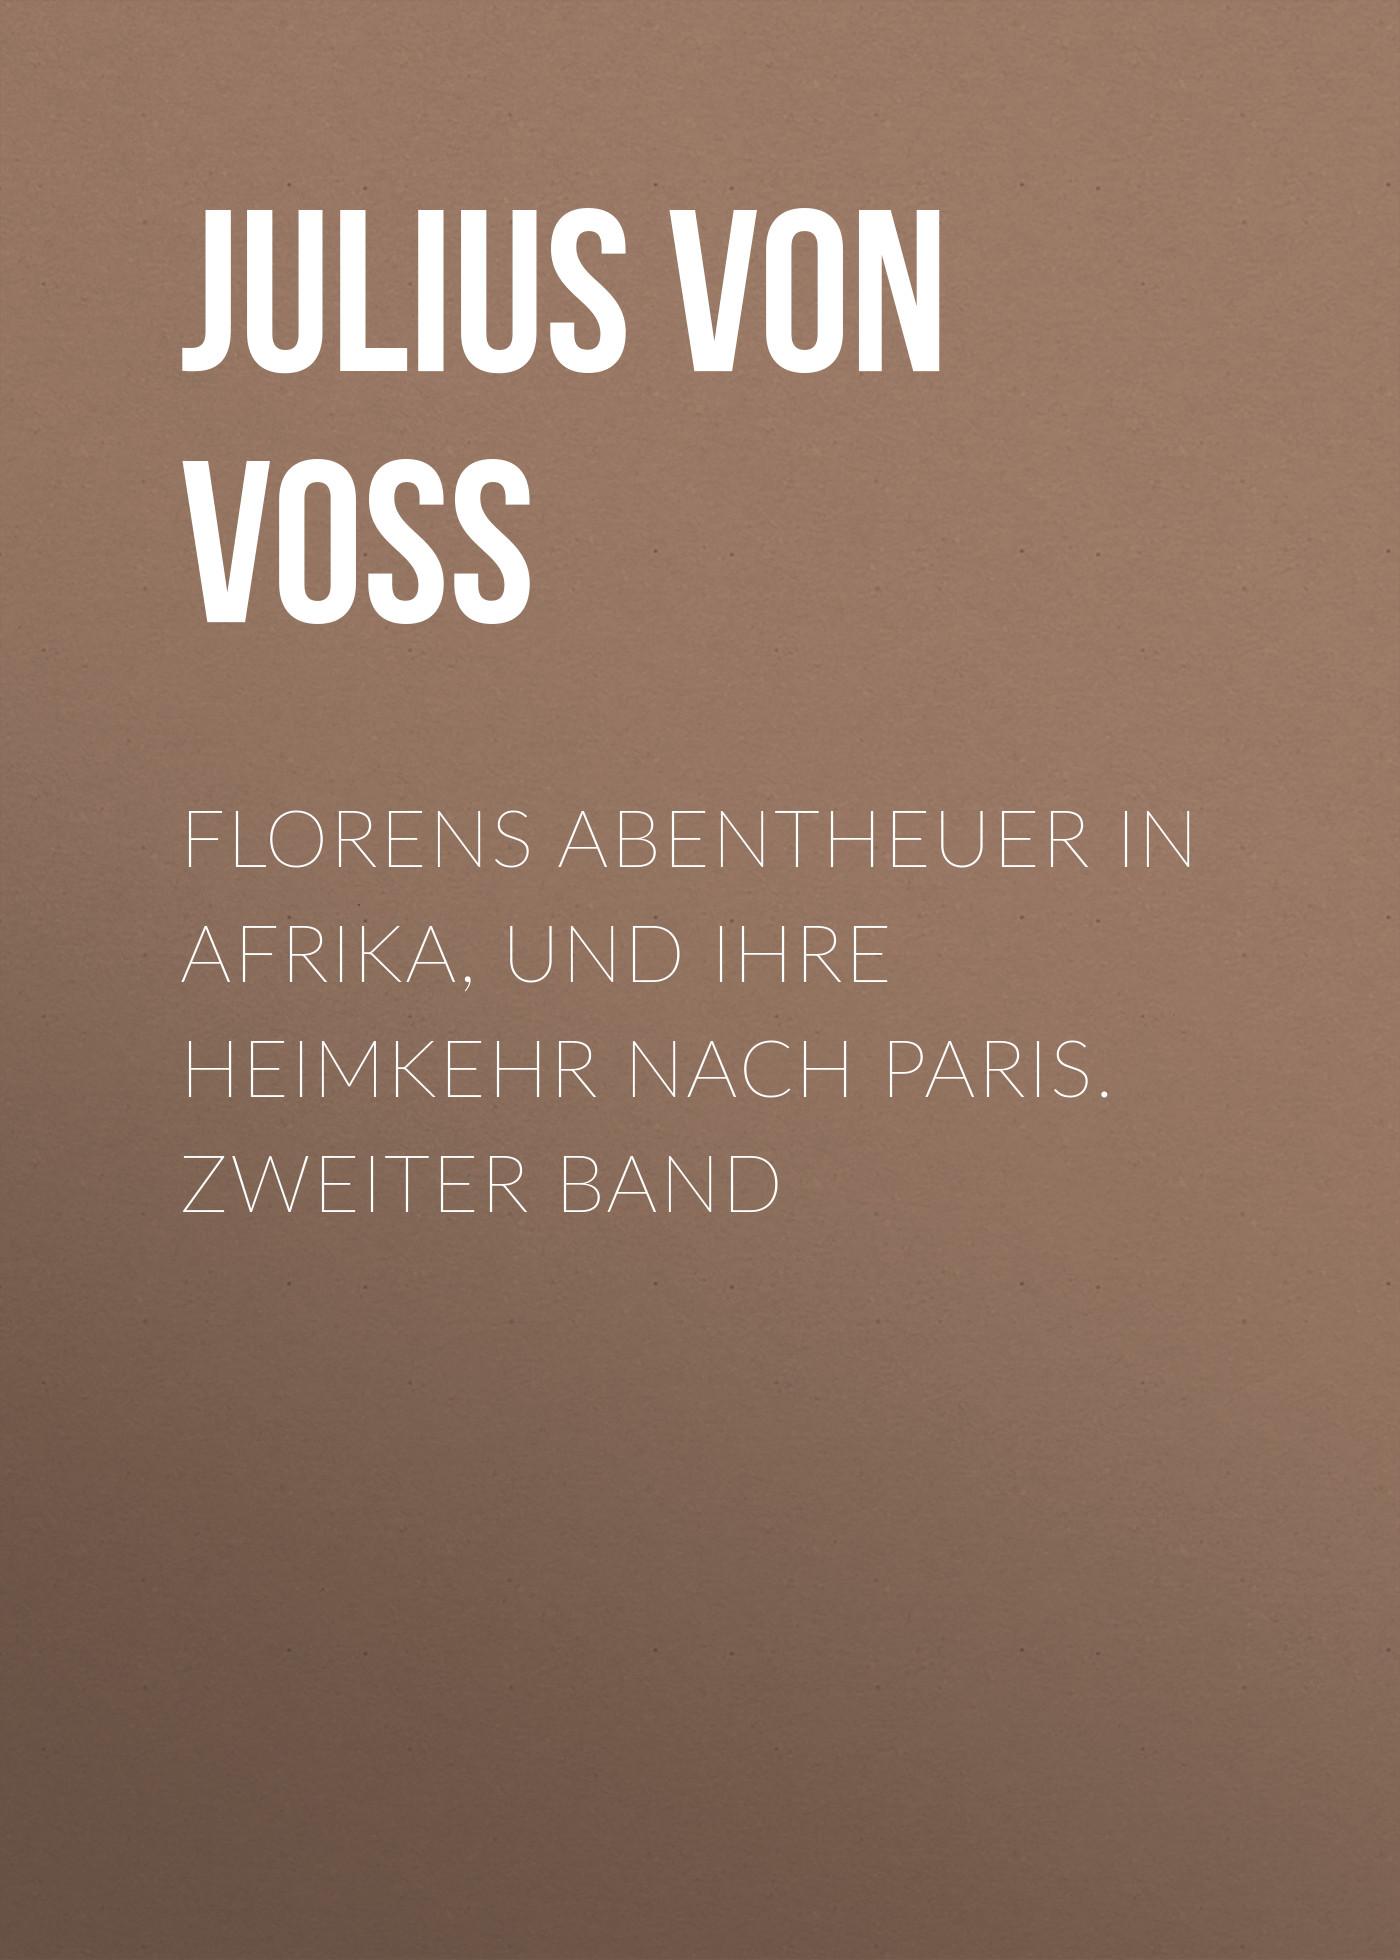 Julius von Voss Florens Abentheuer in Afrika, und ihre Heimkehr nach Paris. Zweiter Band